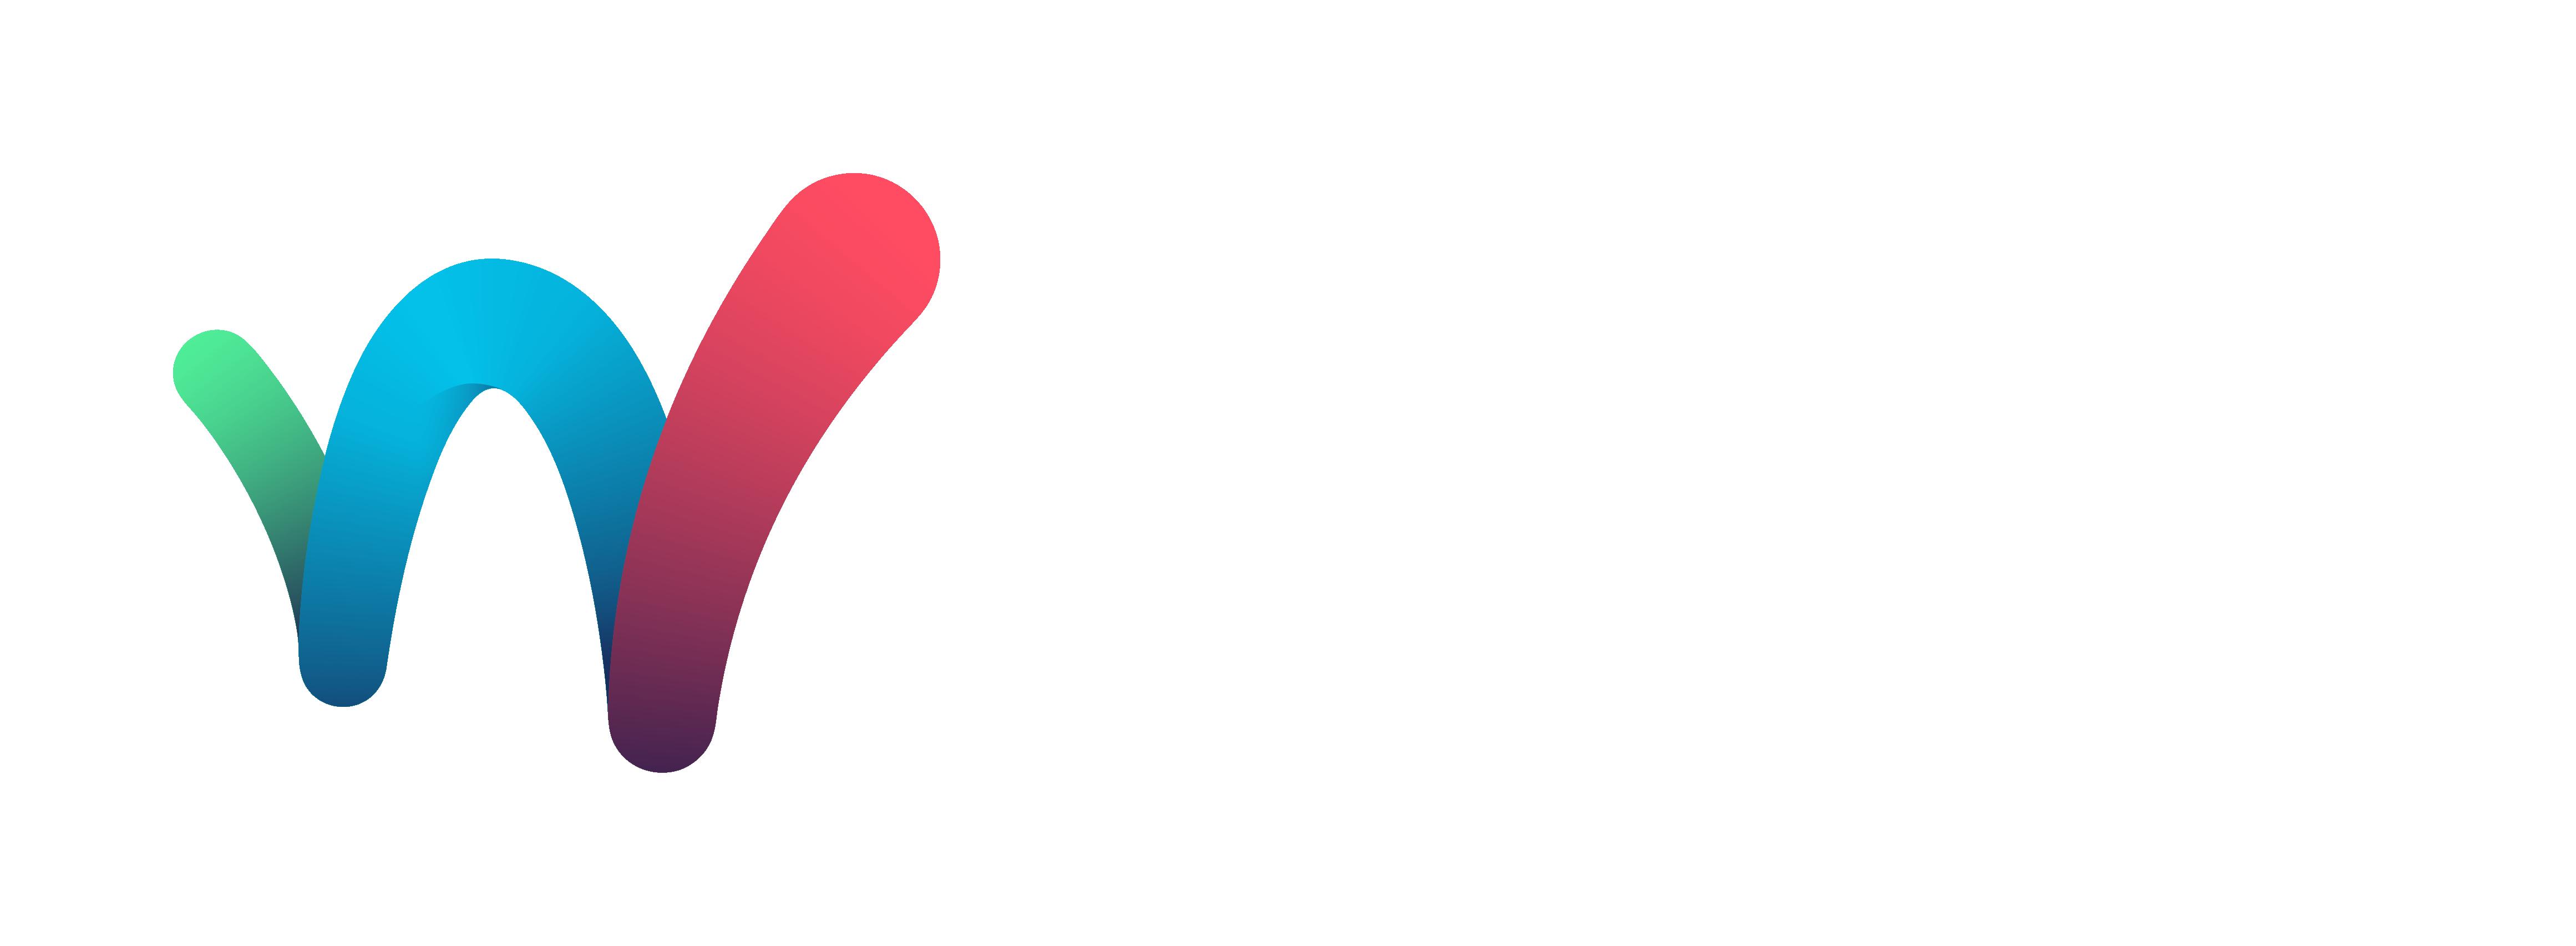 Itf Livescore